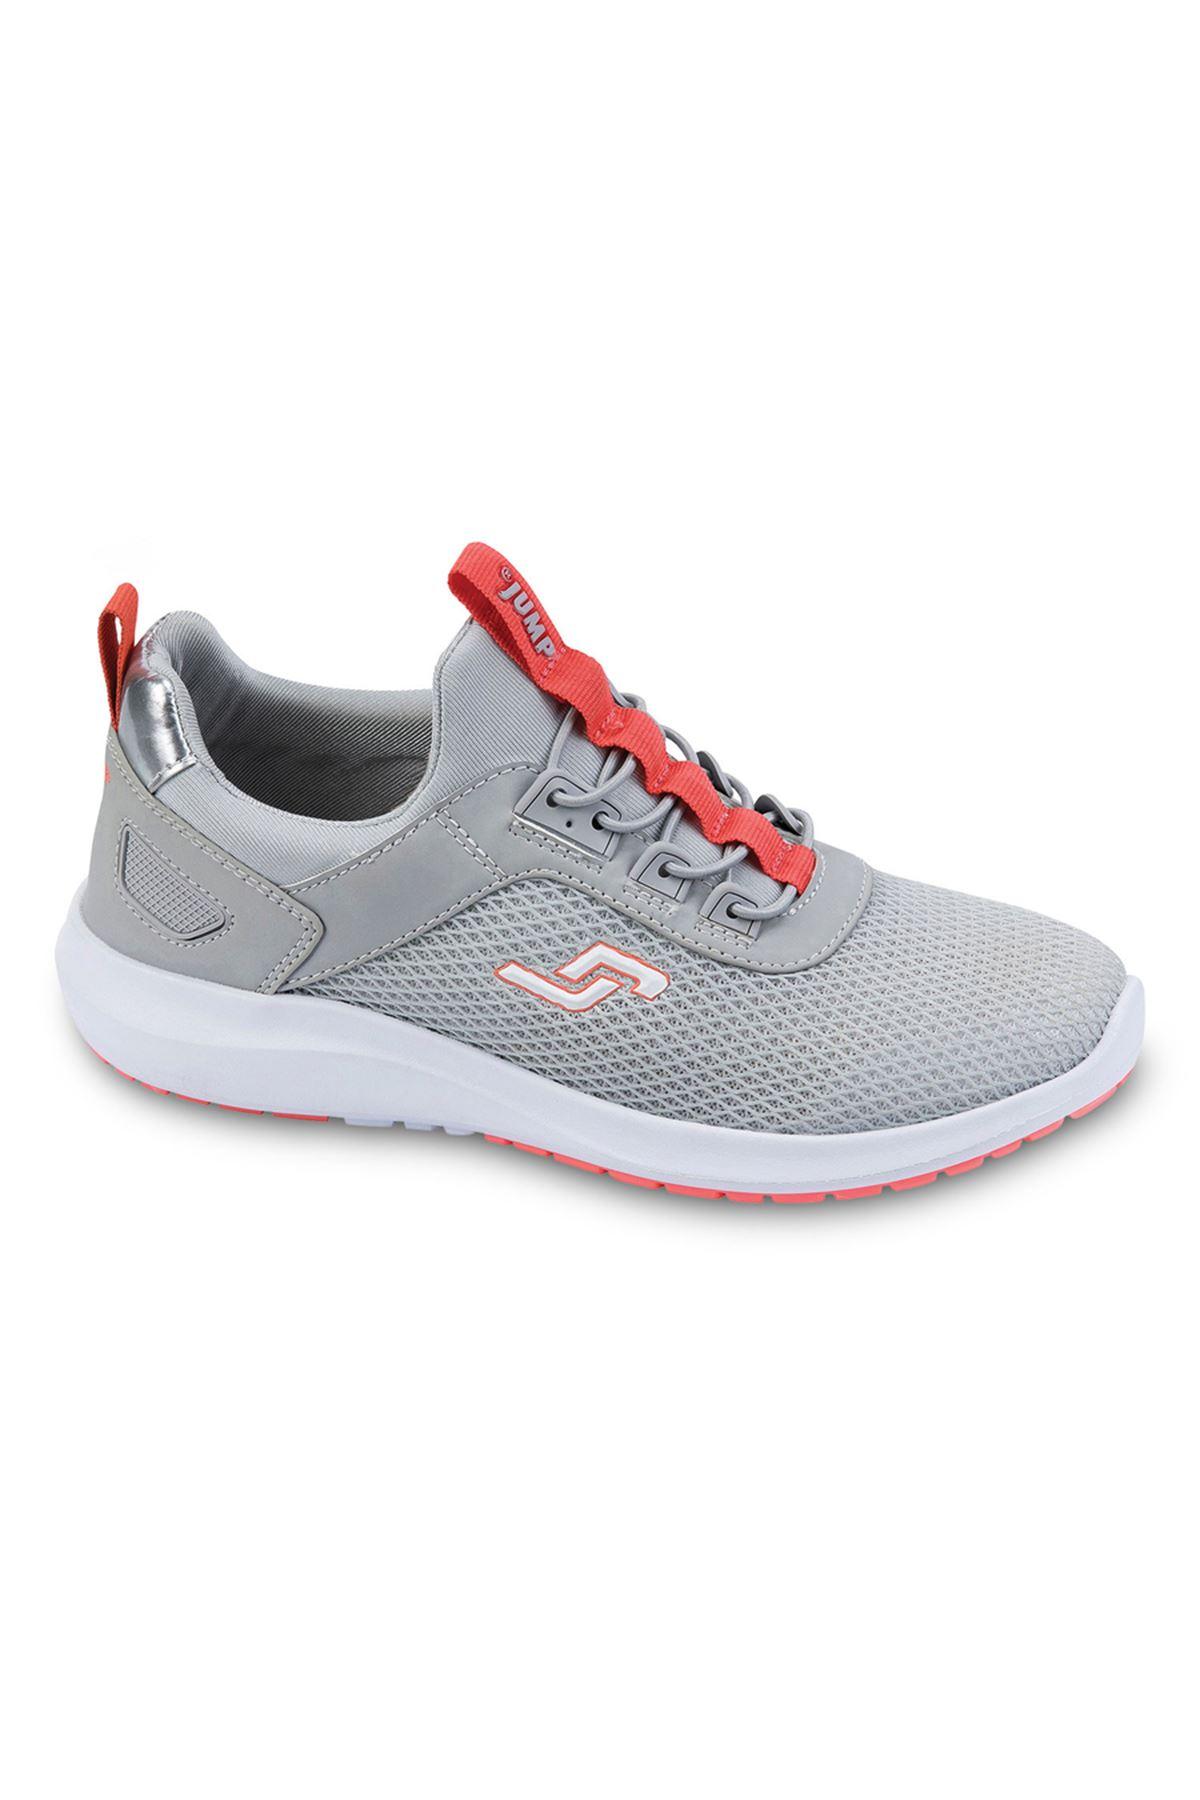 Jump - 24816 Gri Turuncu Detaylı Kadın Spor Ayakkabısı